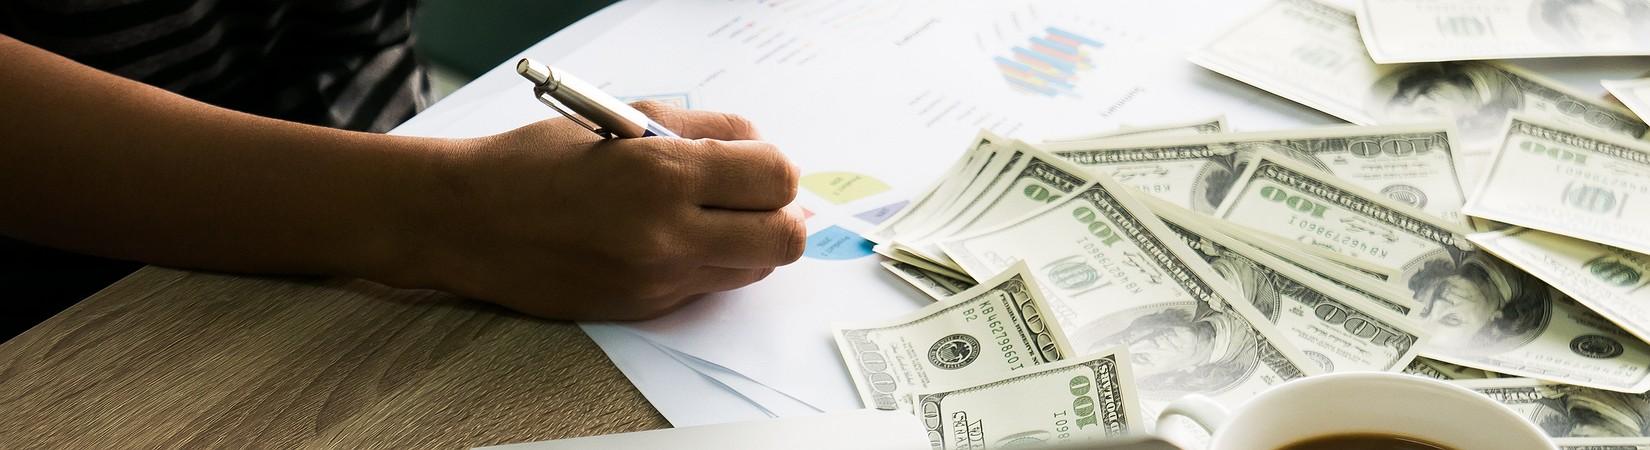 17 regole per gestire meglio il proprio denaro